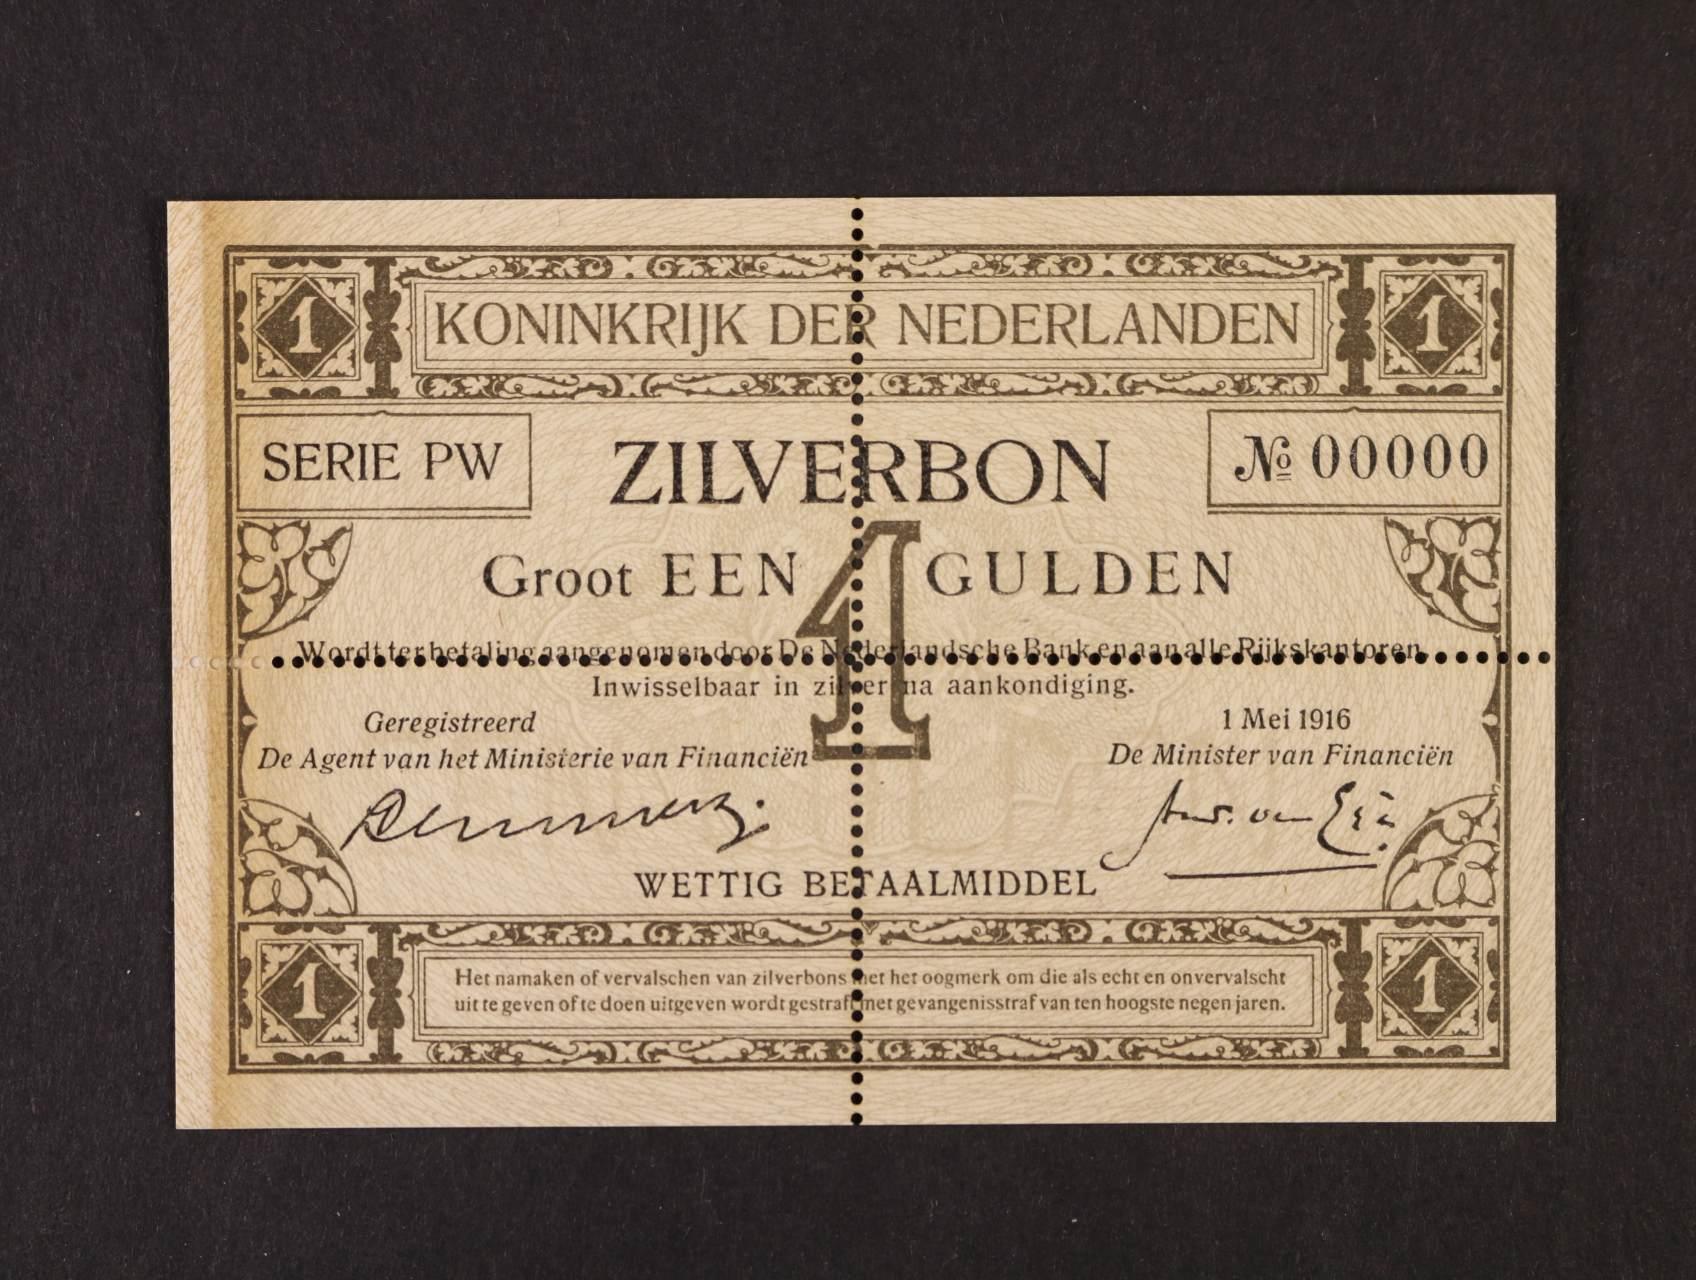 1 Gulden 1.5.1916 série PW anulát s perforací, Pi. 8